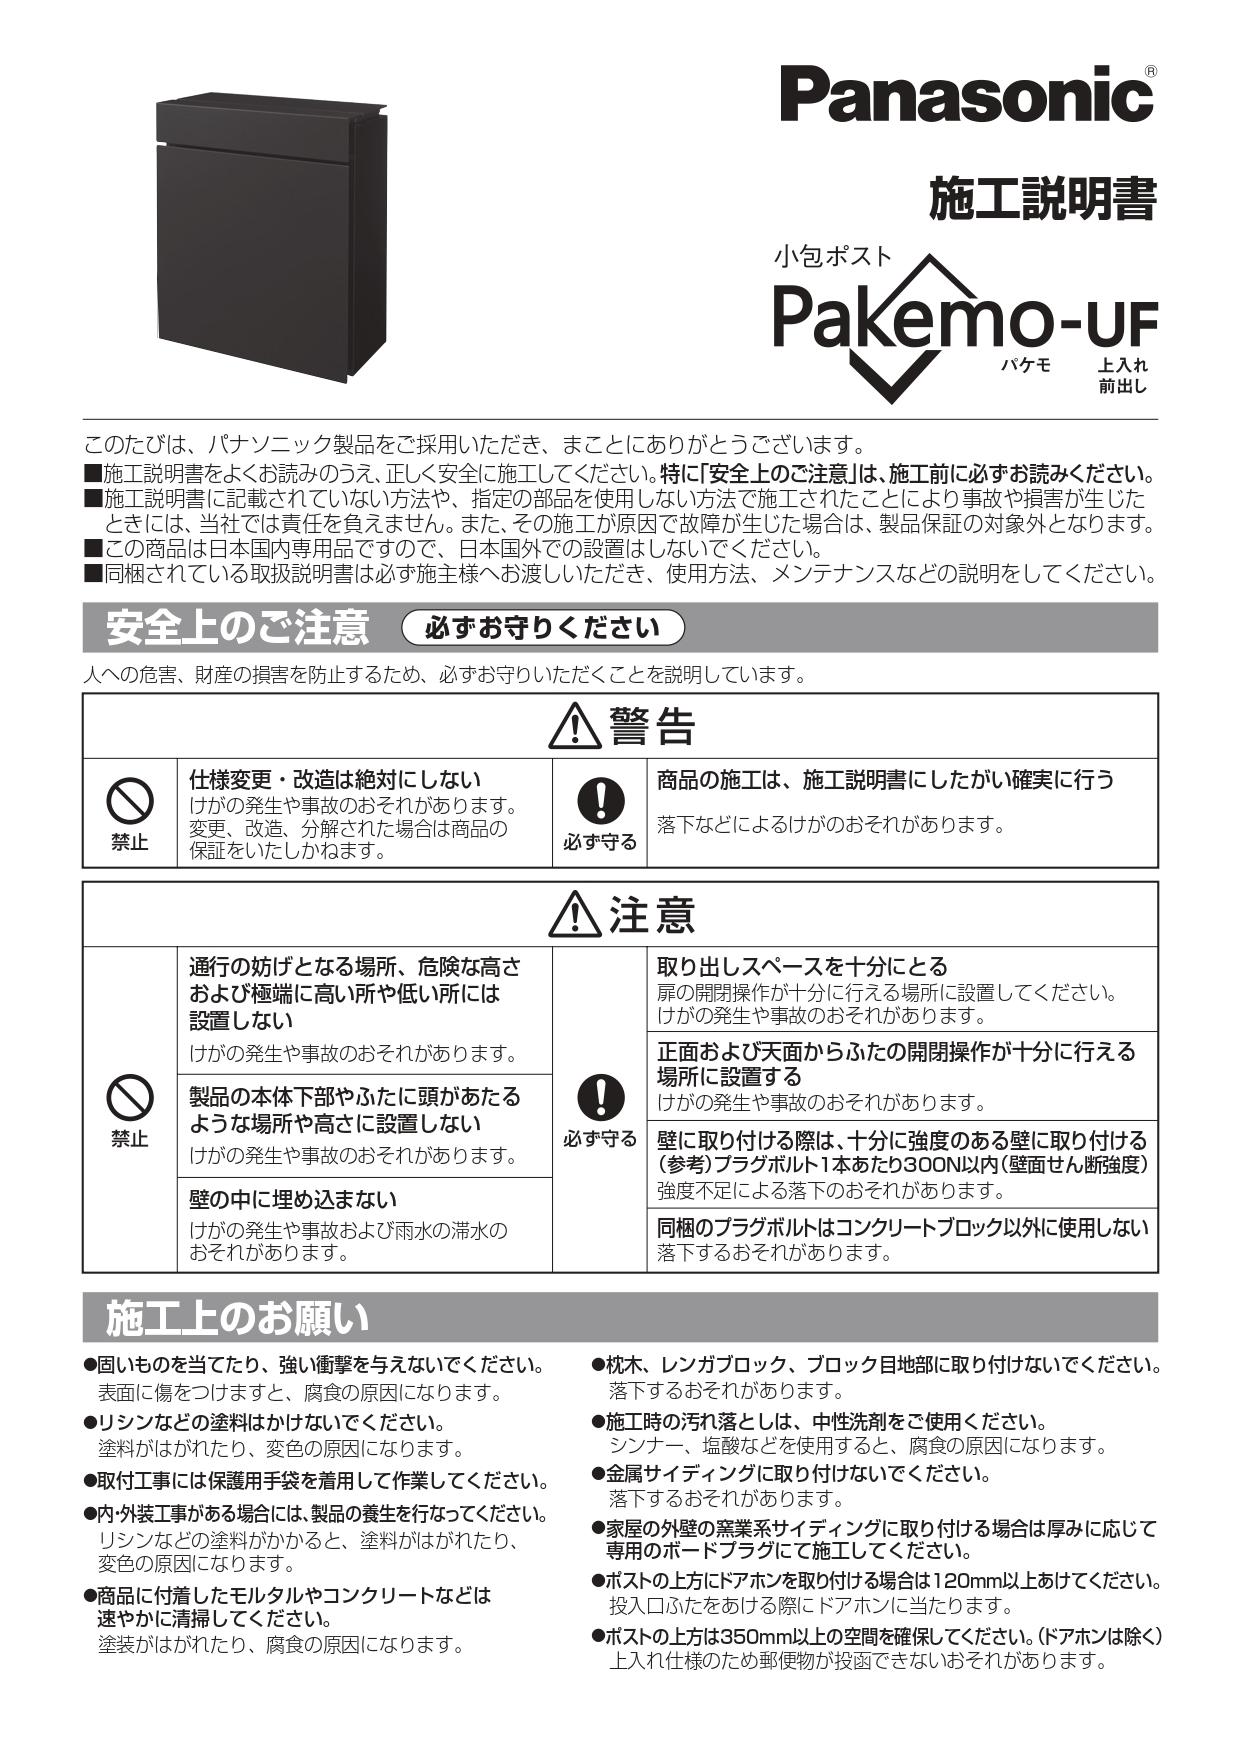 パケモ 施工説明書_page-0001